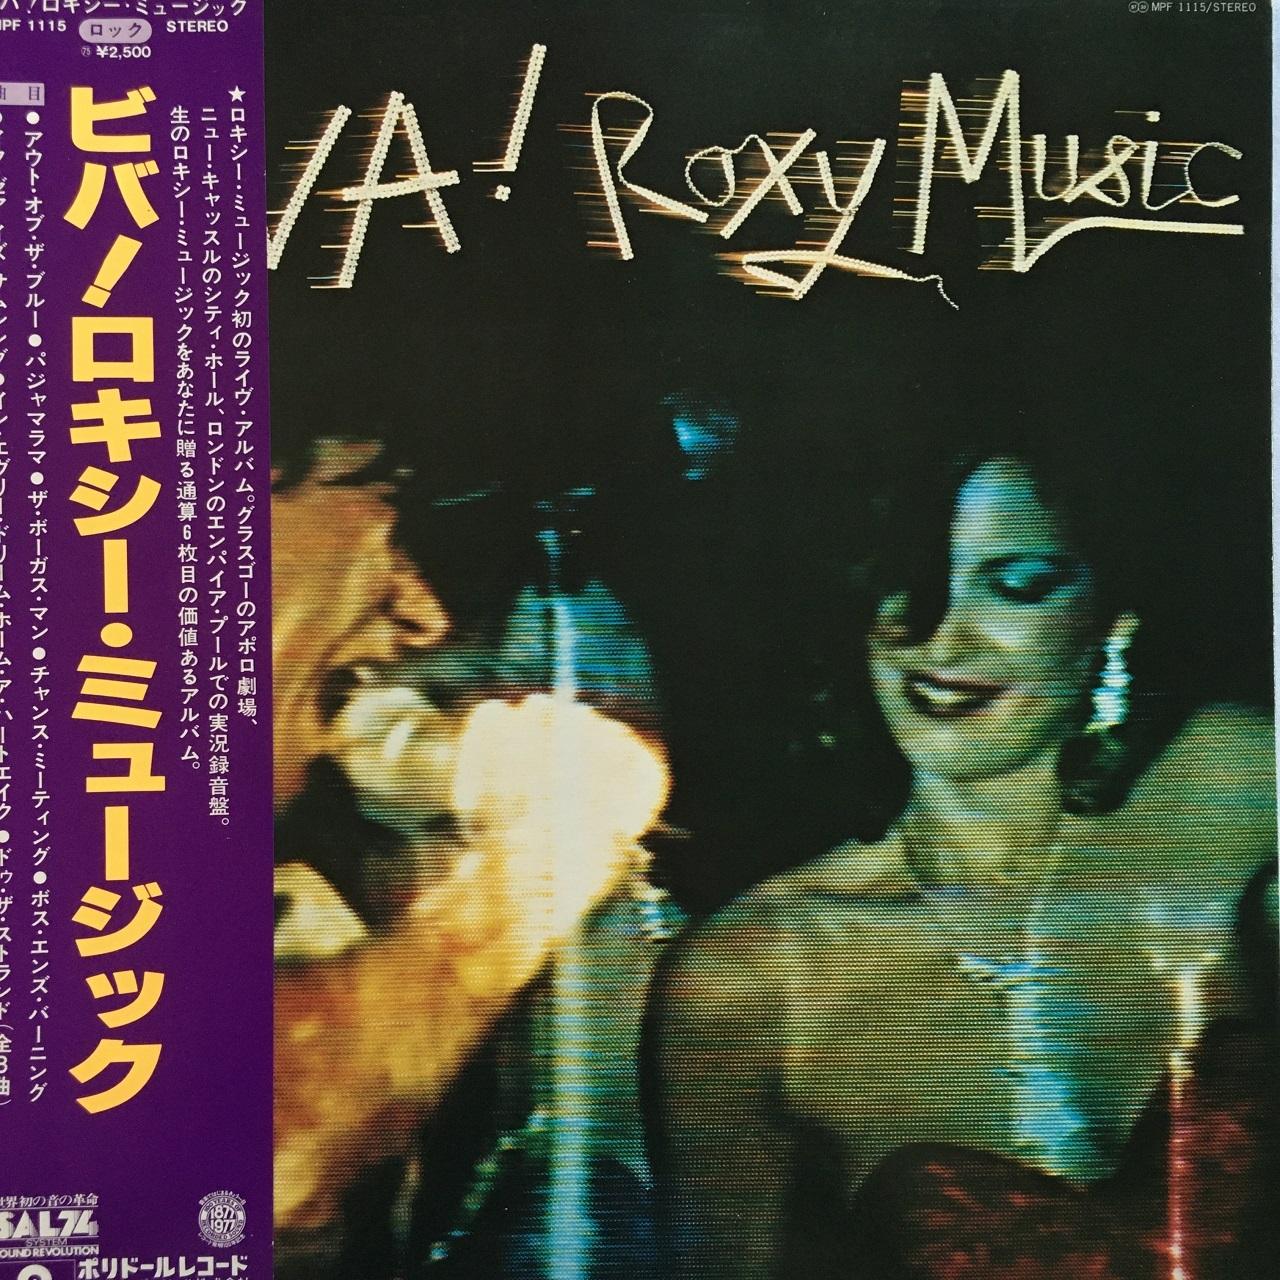 【LP・国内盤】ロキシー・ミュージック / ビバ!ロキシー・ミュージック